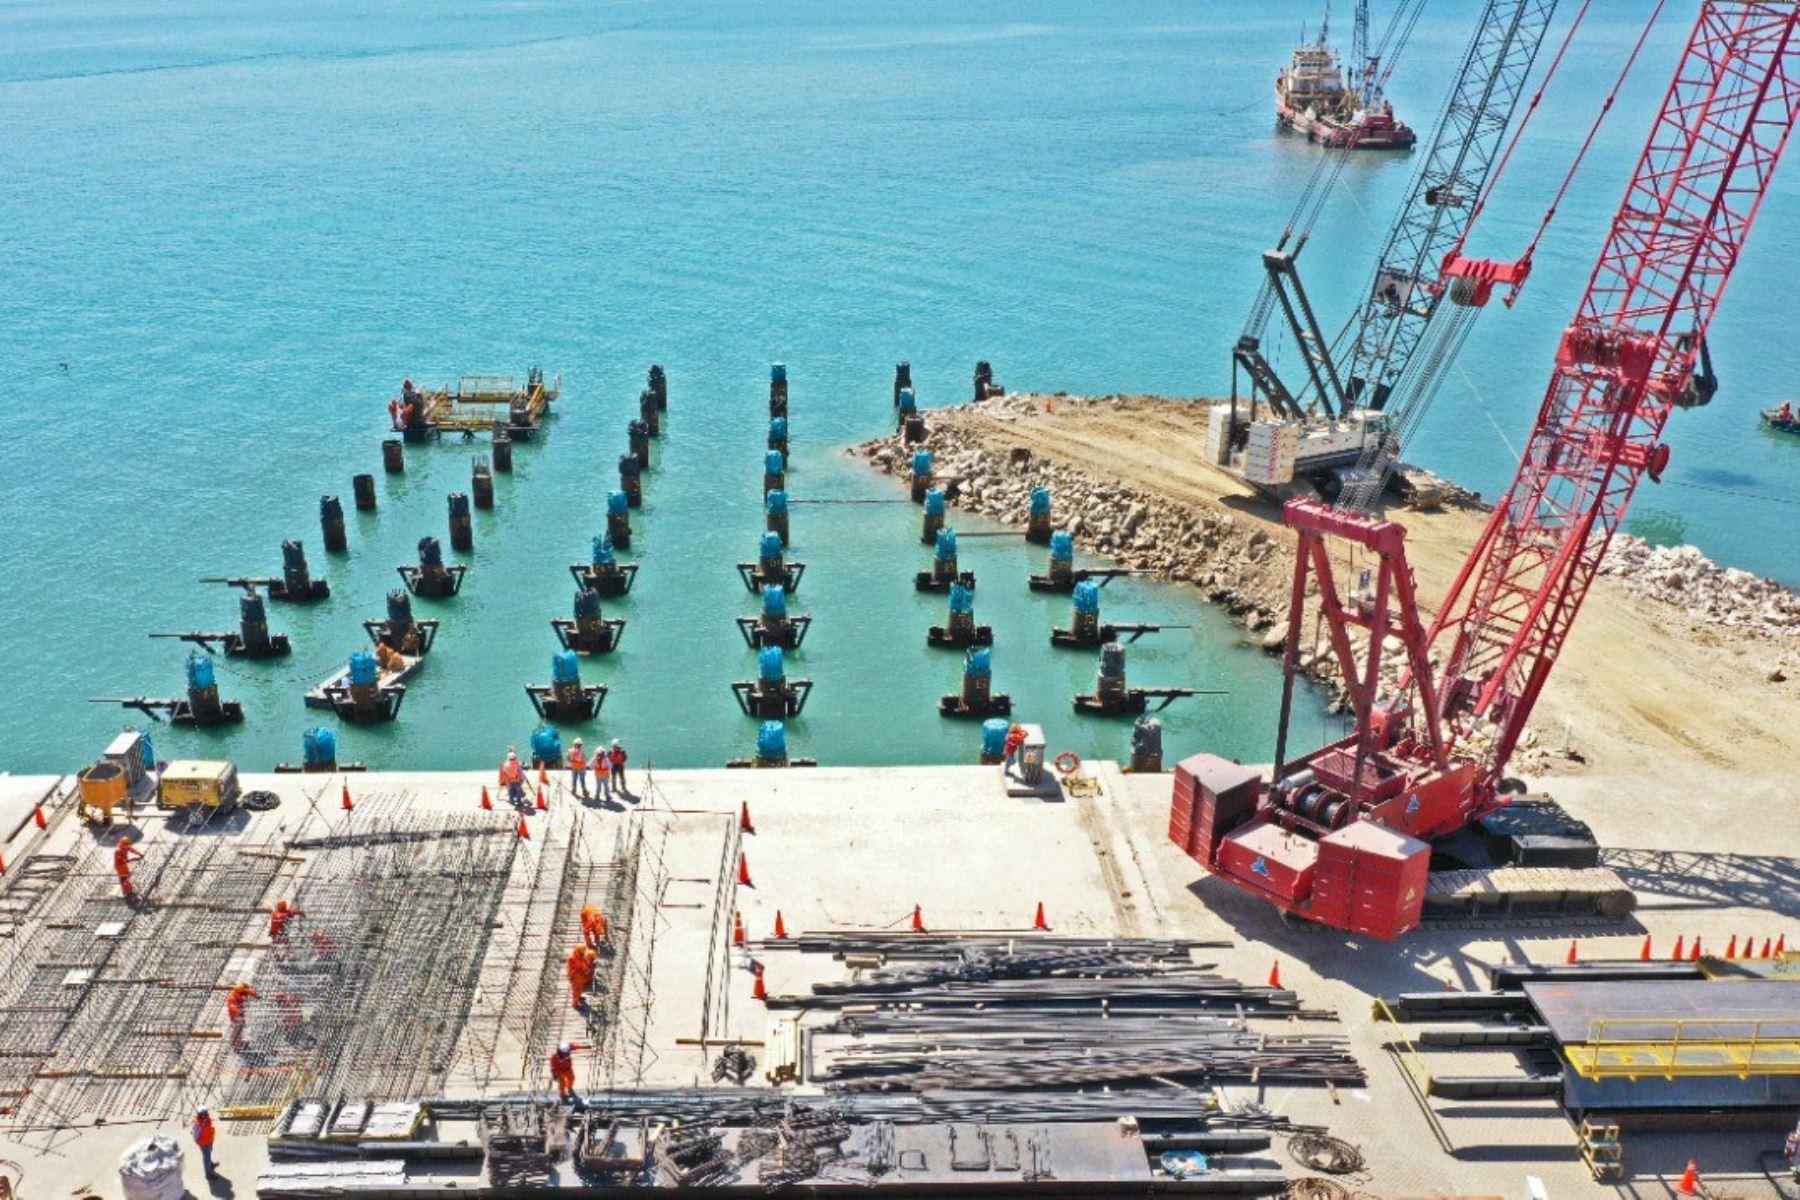 Continúa en marcha la ampliación del Terminal Portuario de Paita que aportó más de S/ 30.8 millones en proyectos sociales a través de su fondo social. Foto: MTC